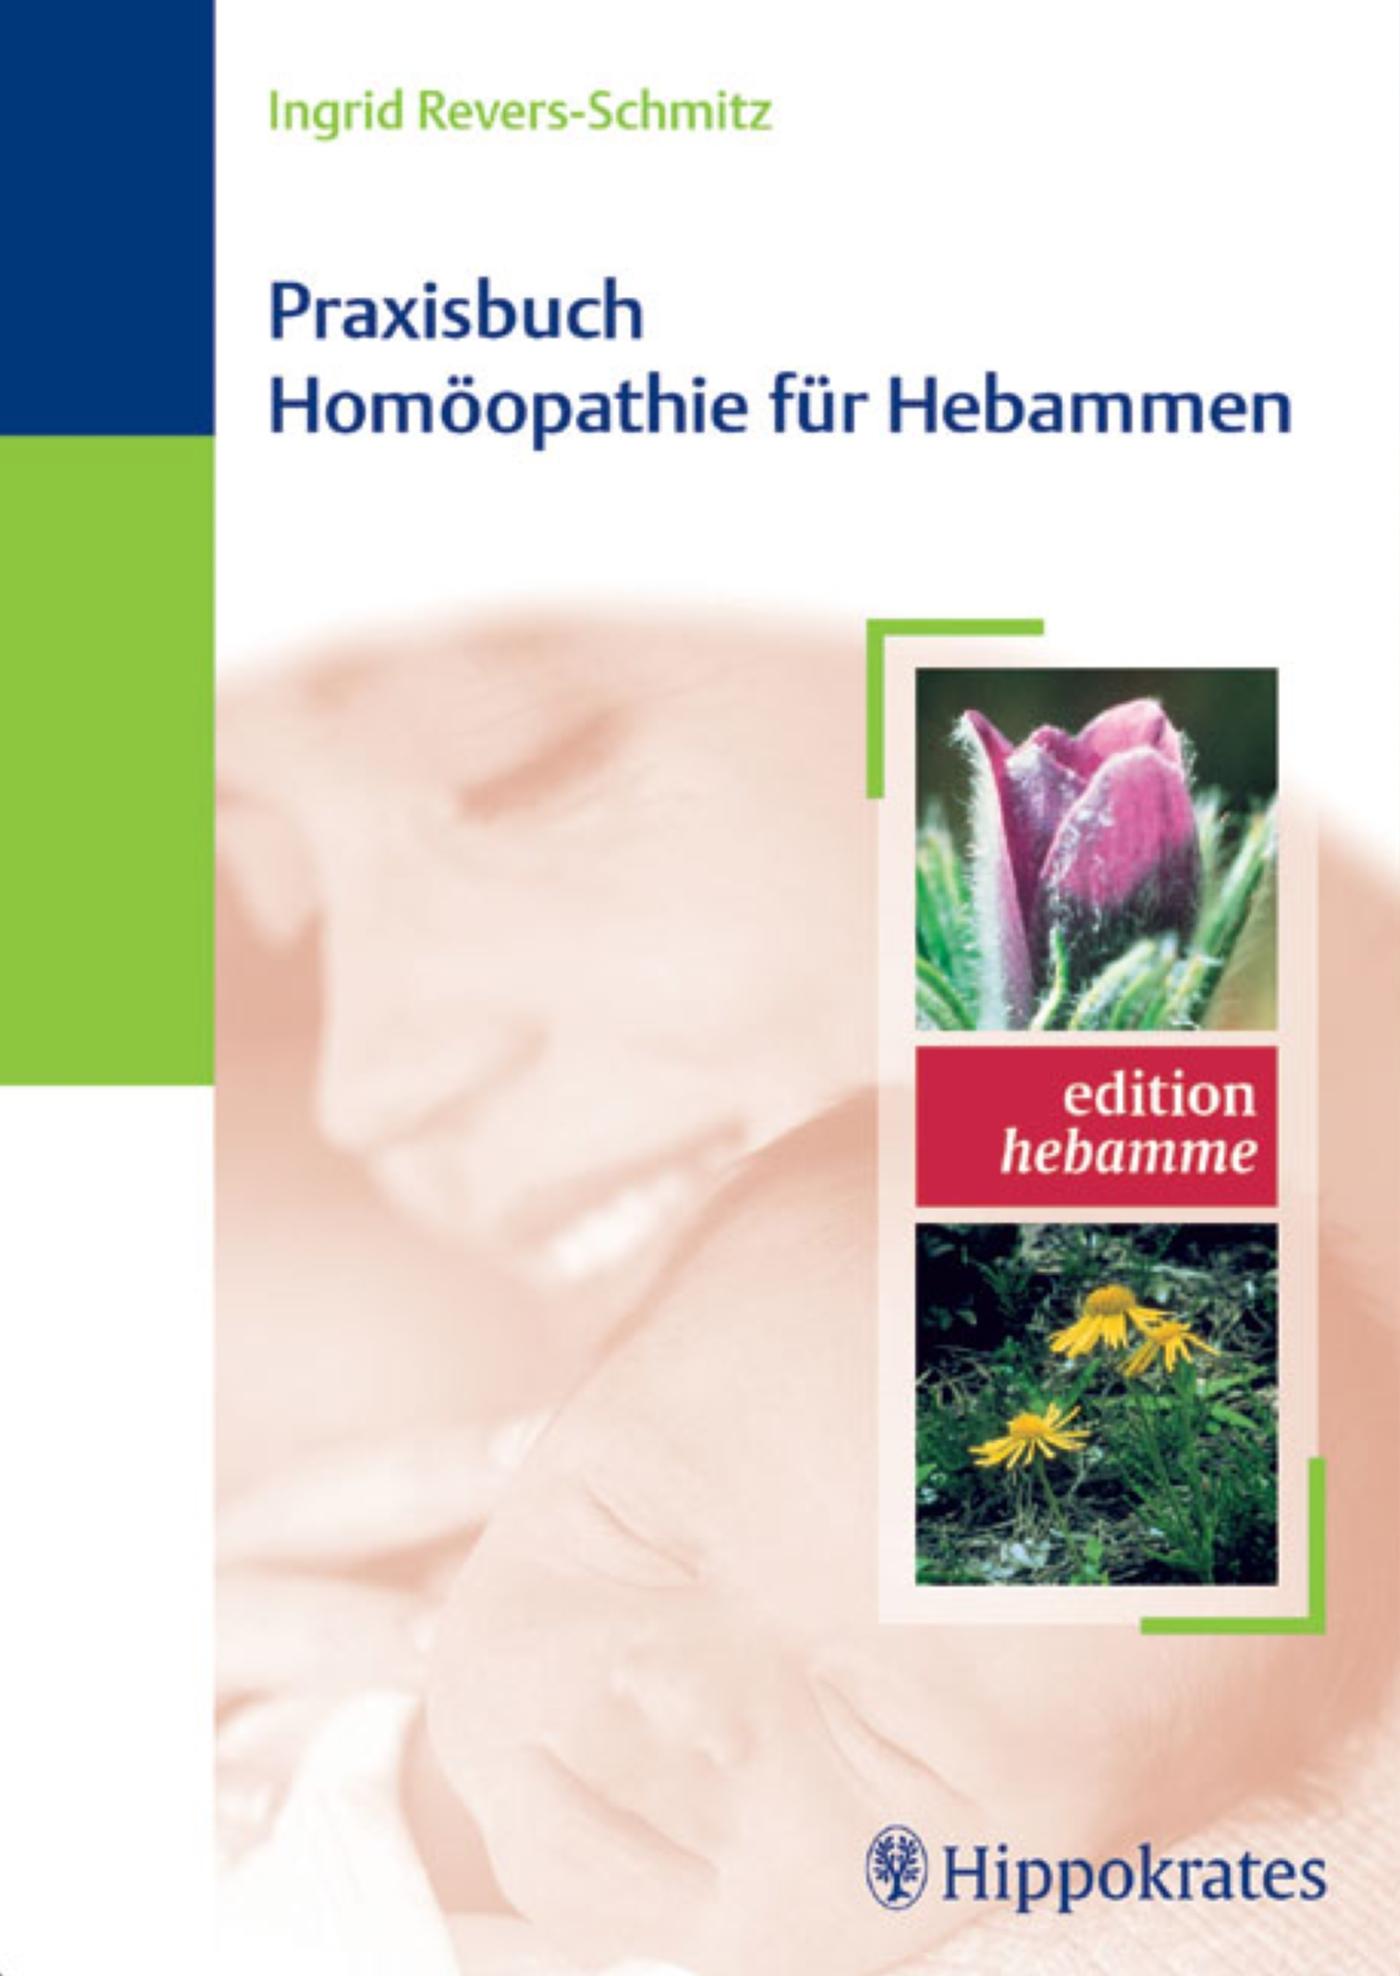 Praxisbuch Homöopathie für Hebammen